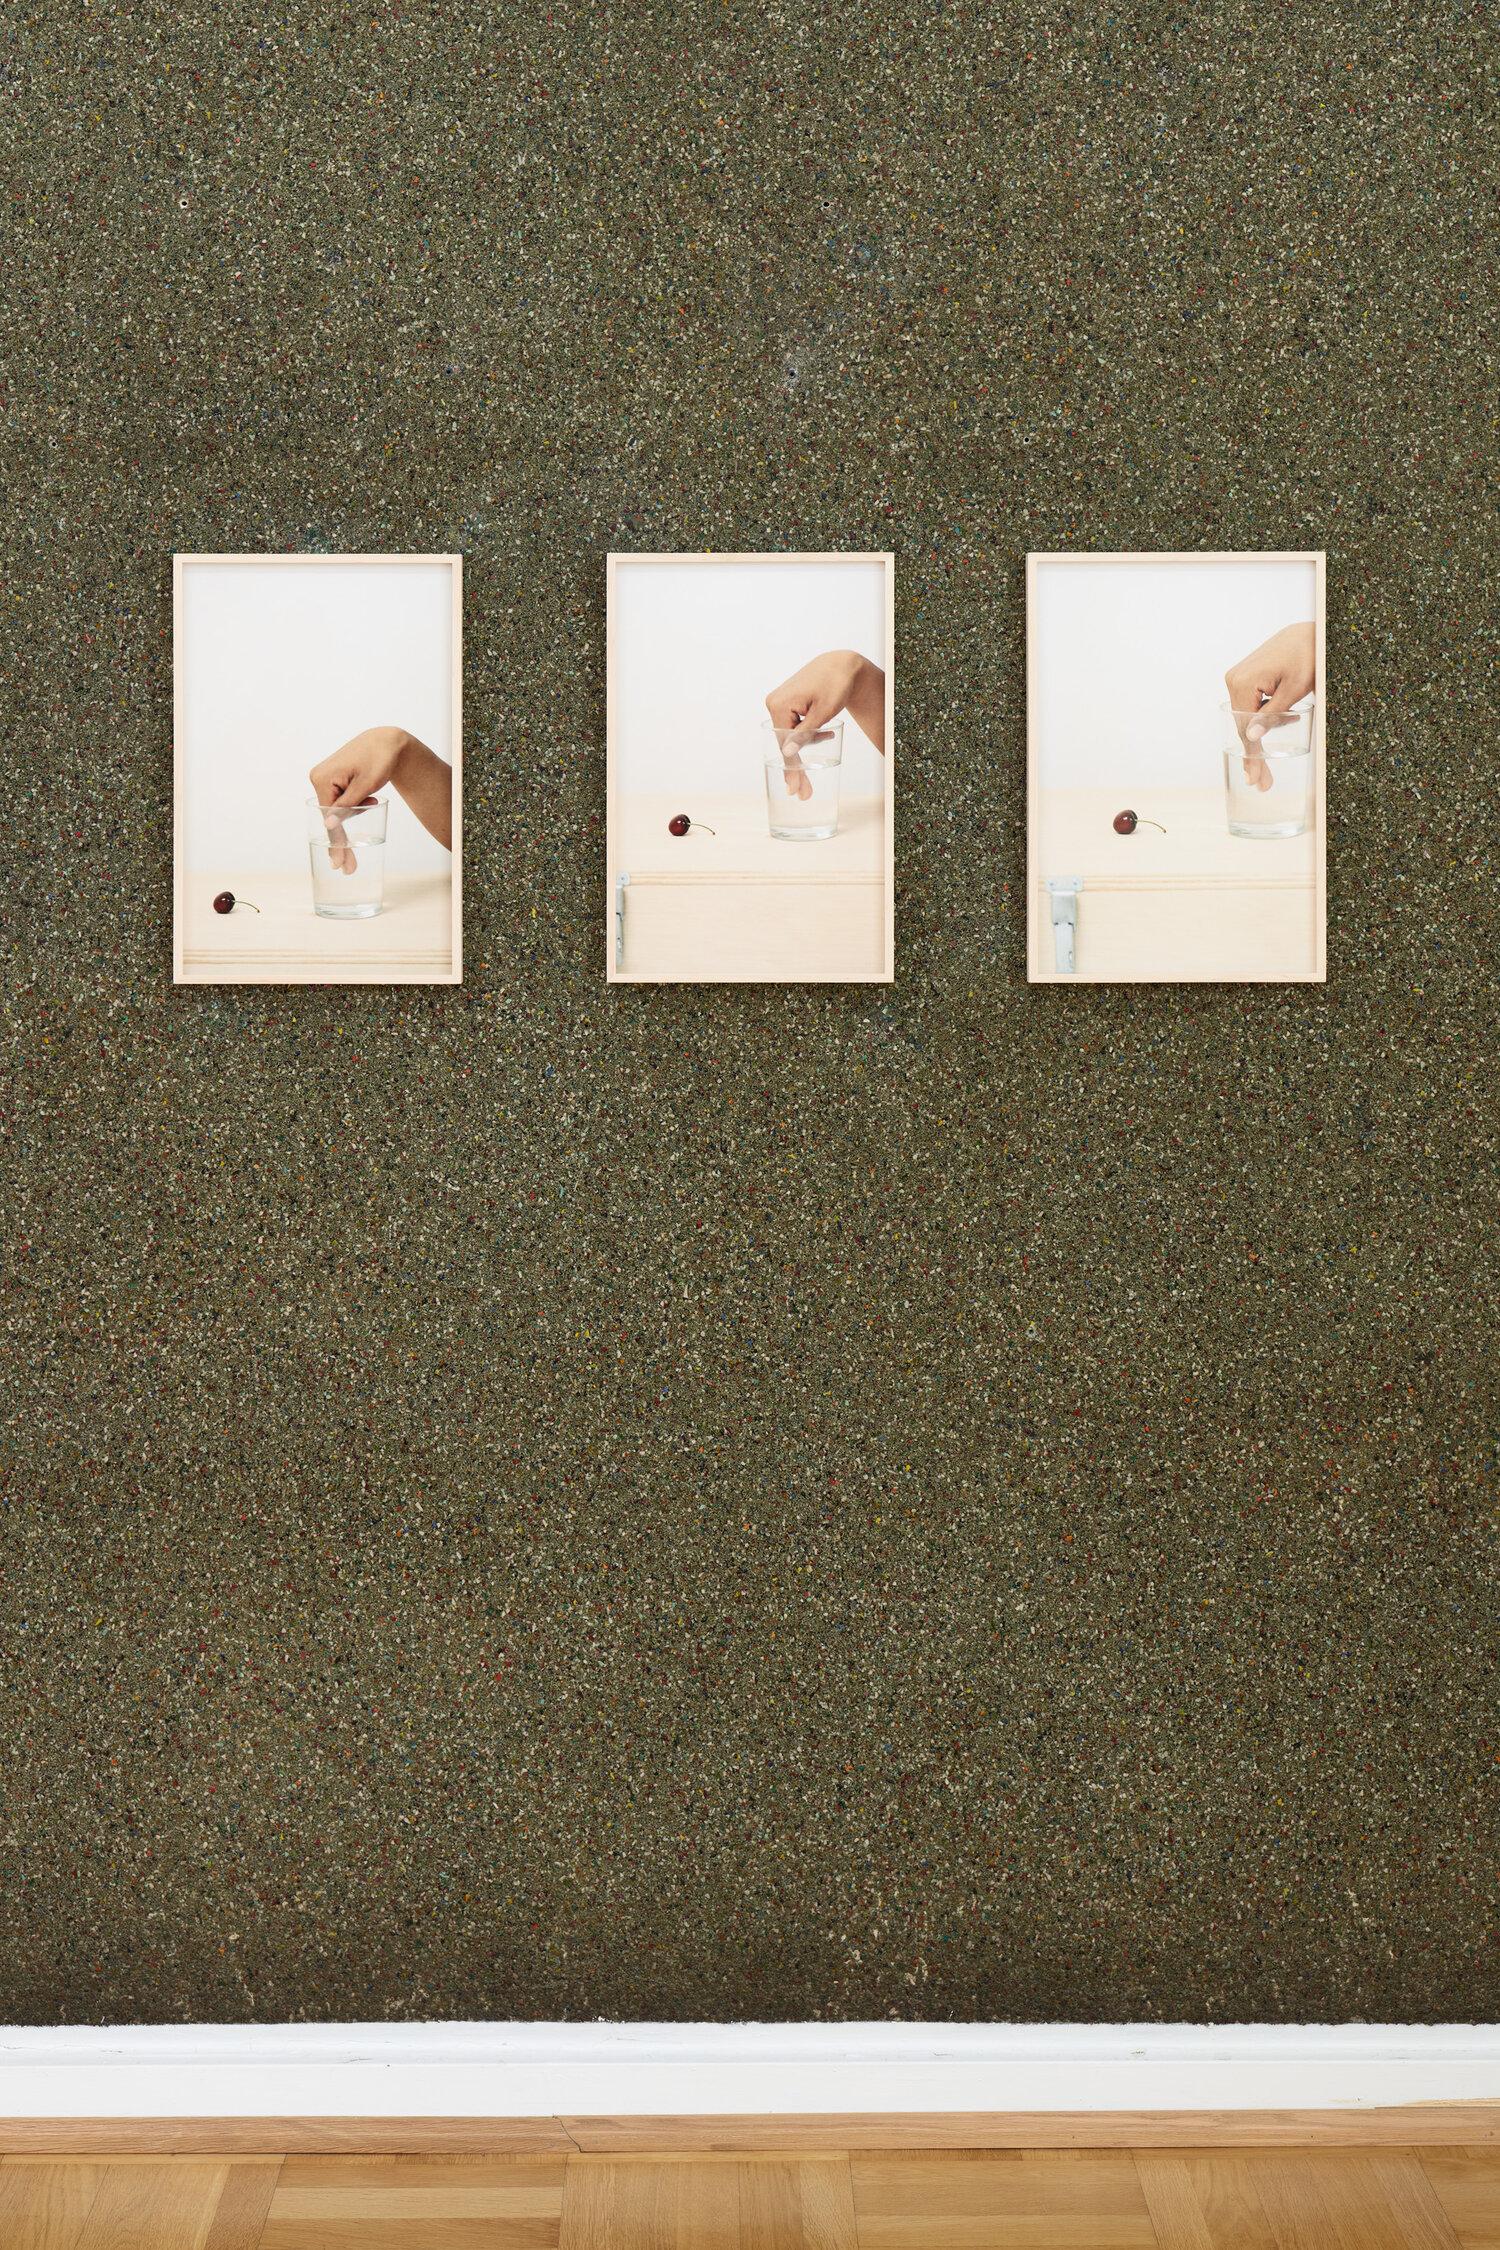 Installation view, Schwarz Contemporary, 2019